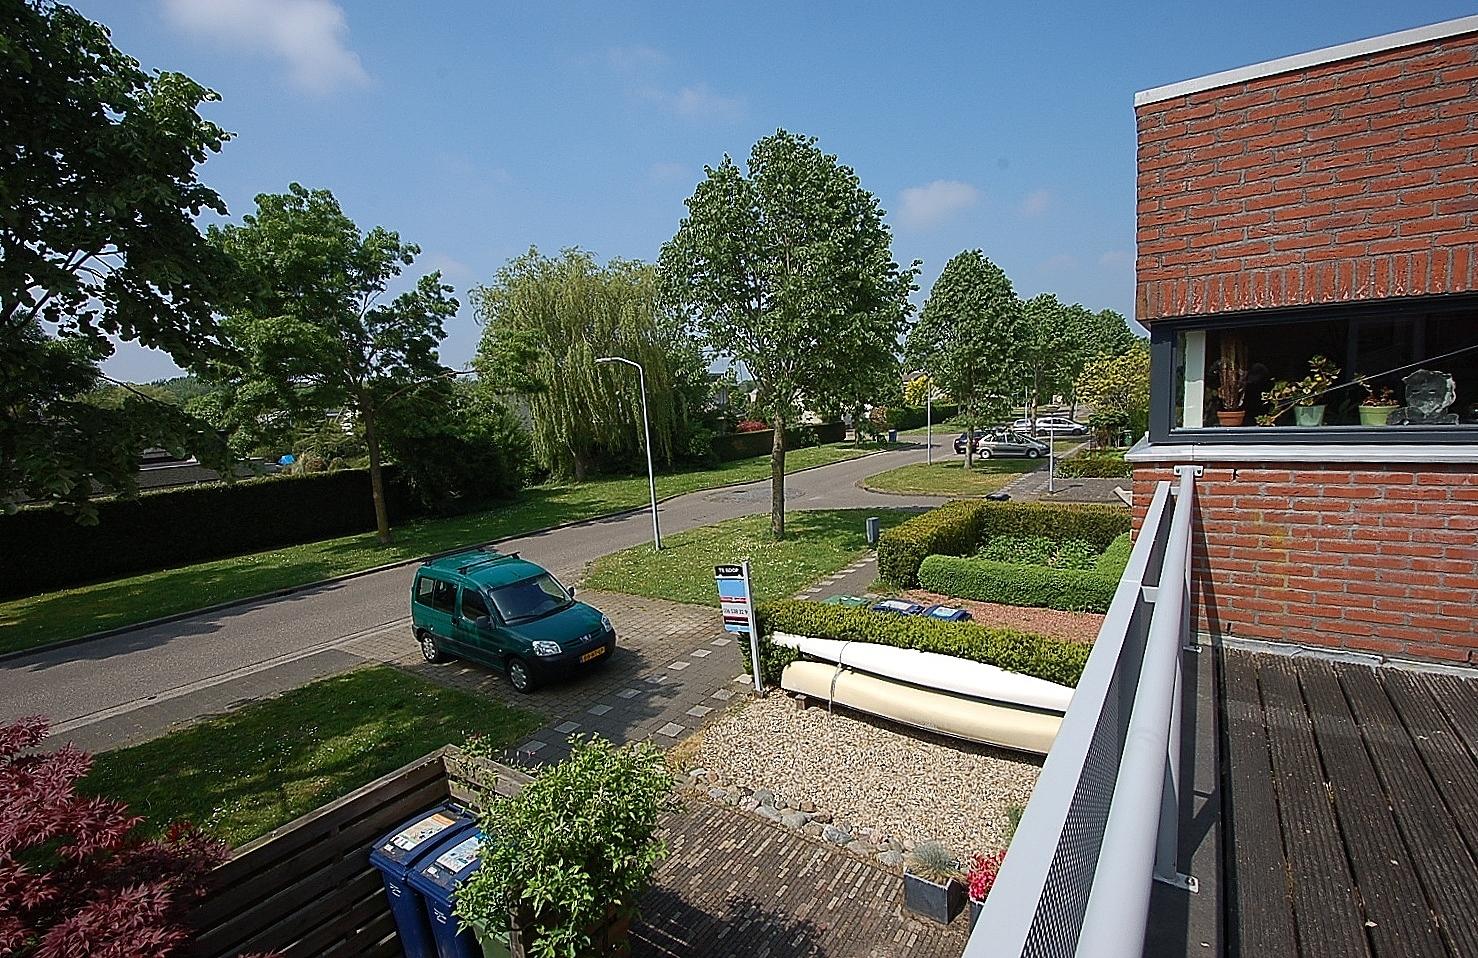 ... : Joris Ivenslaan 49, Almere - Hoekstra en van Eck - Mu00e9u00e9r makelaar